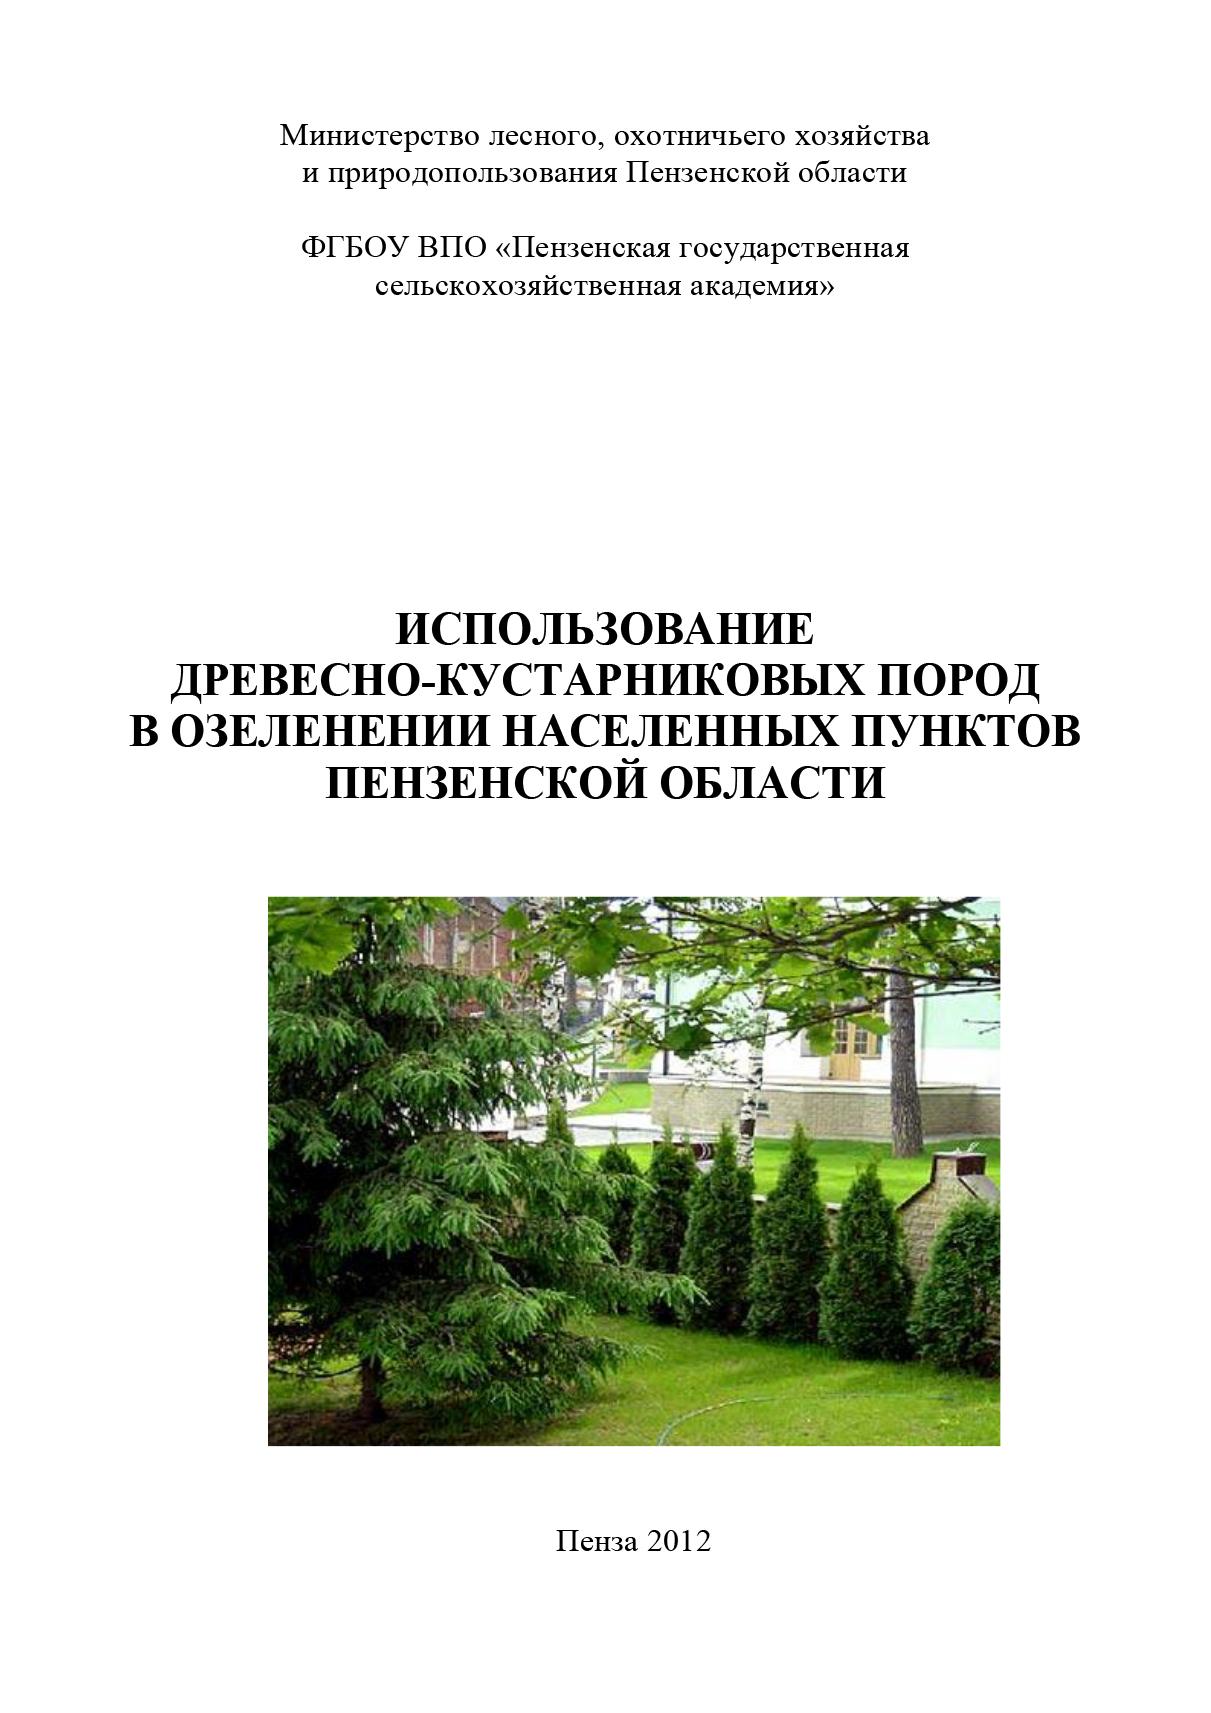 Коллектив авторов Использование древесно-кустарниковых пород в озеленении населенных пунктов Пензенской области